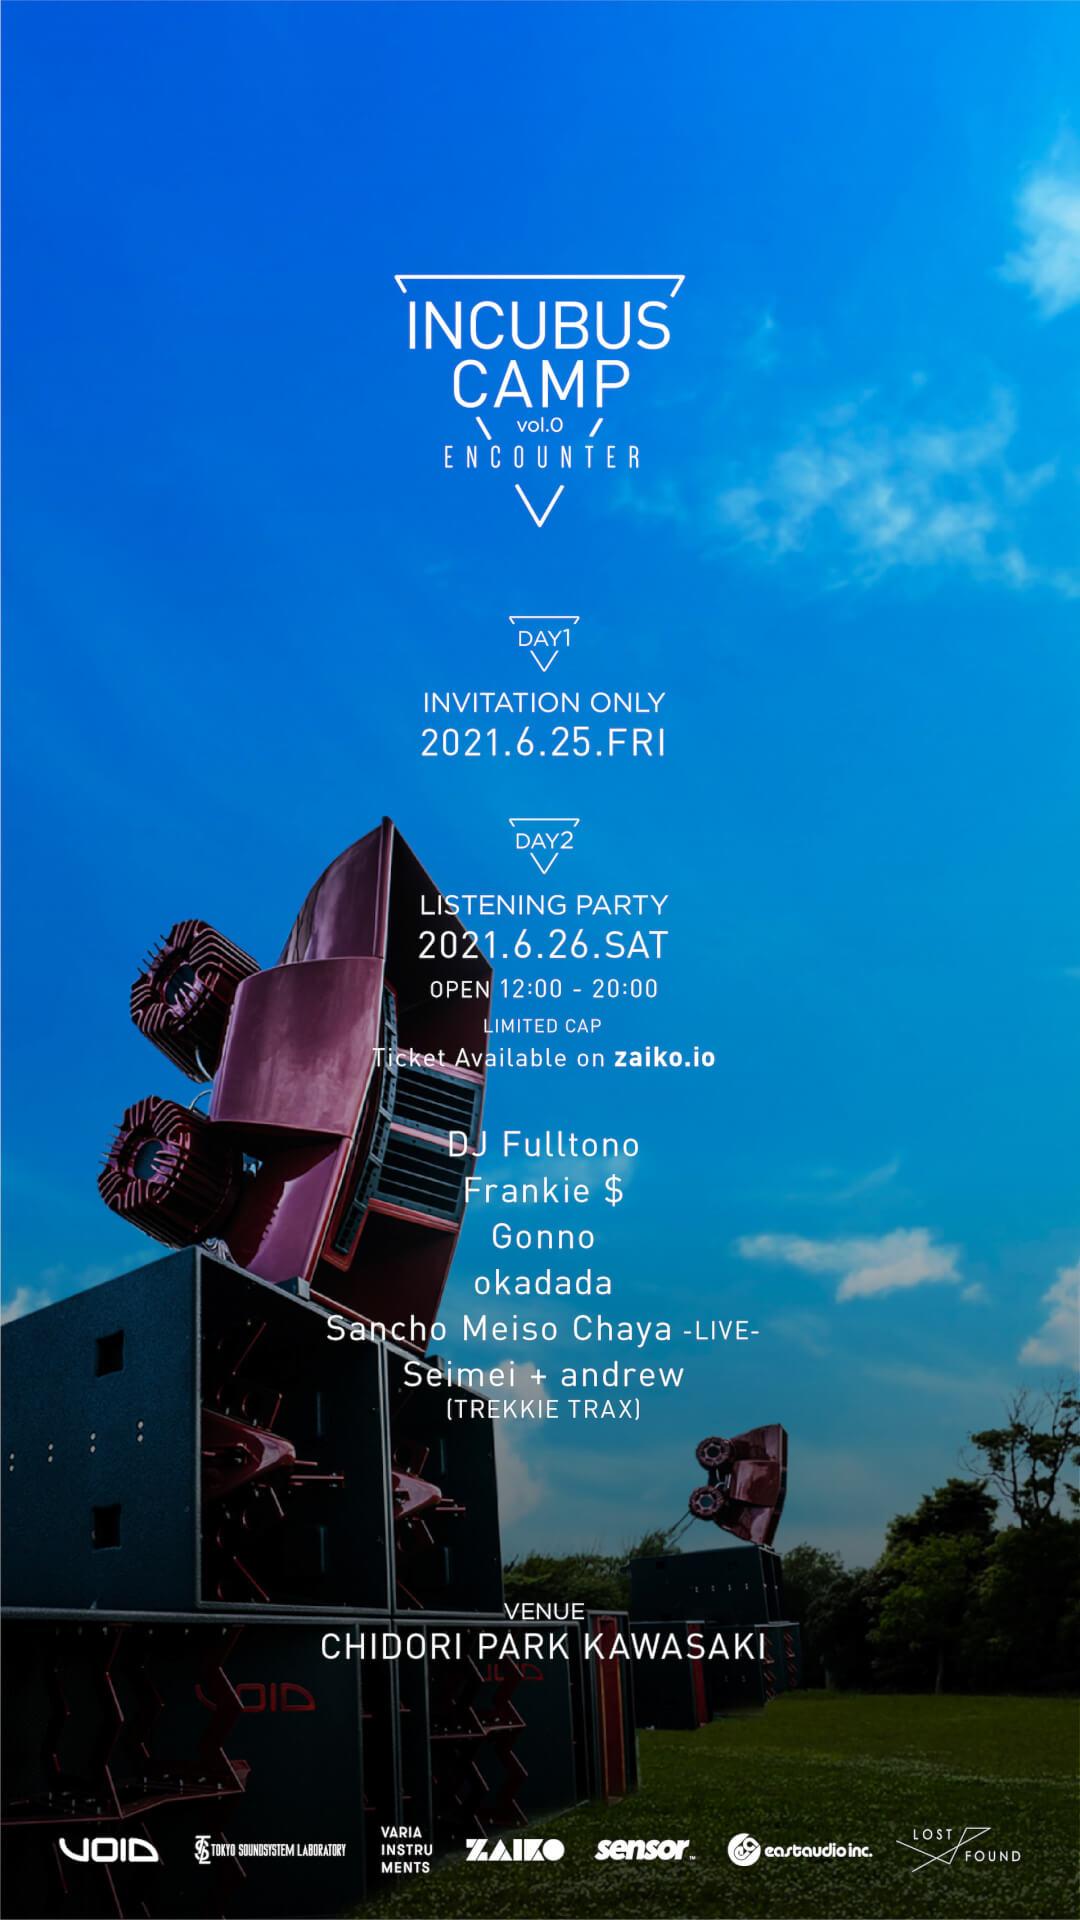 最高峰のサウンドシステムを体感するイベント<INCUBUS CAMP>が開催決定!DJ Fulltono、Frankie $、Gonnoらラインナップも発表 music210607_incubuscamp_1